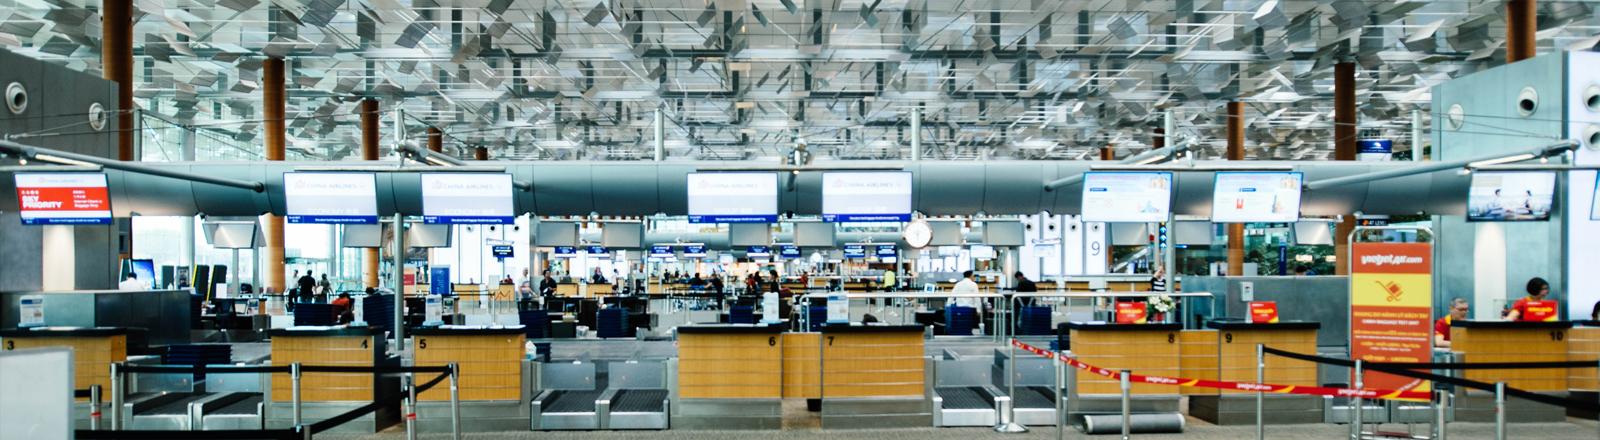 Halle im Flughafen mit Schaltern